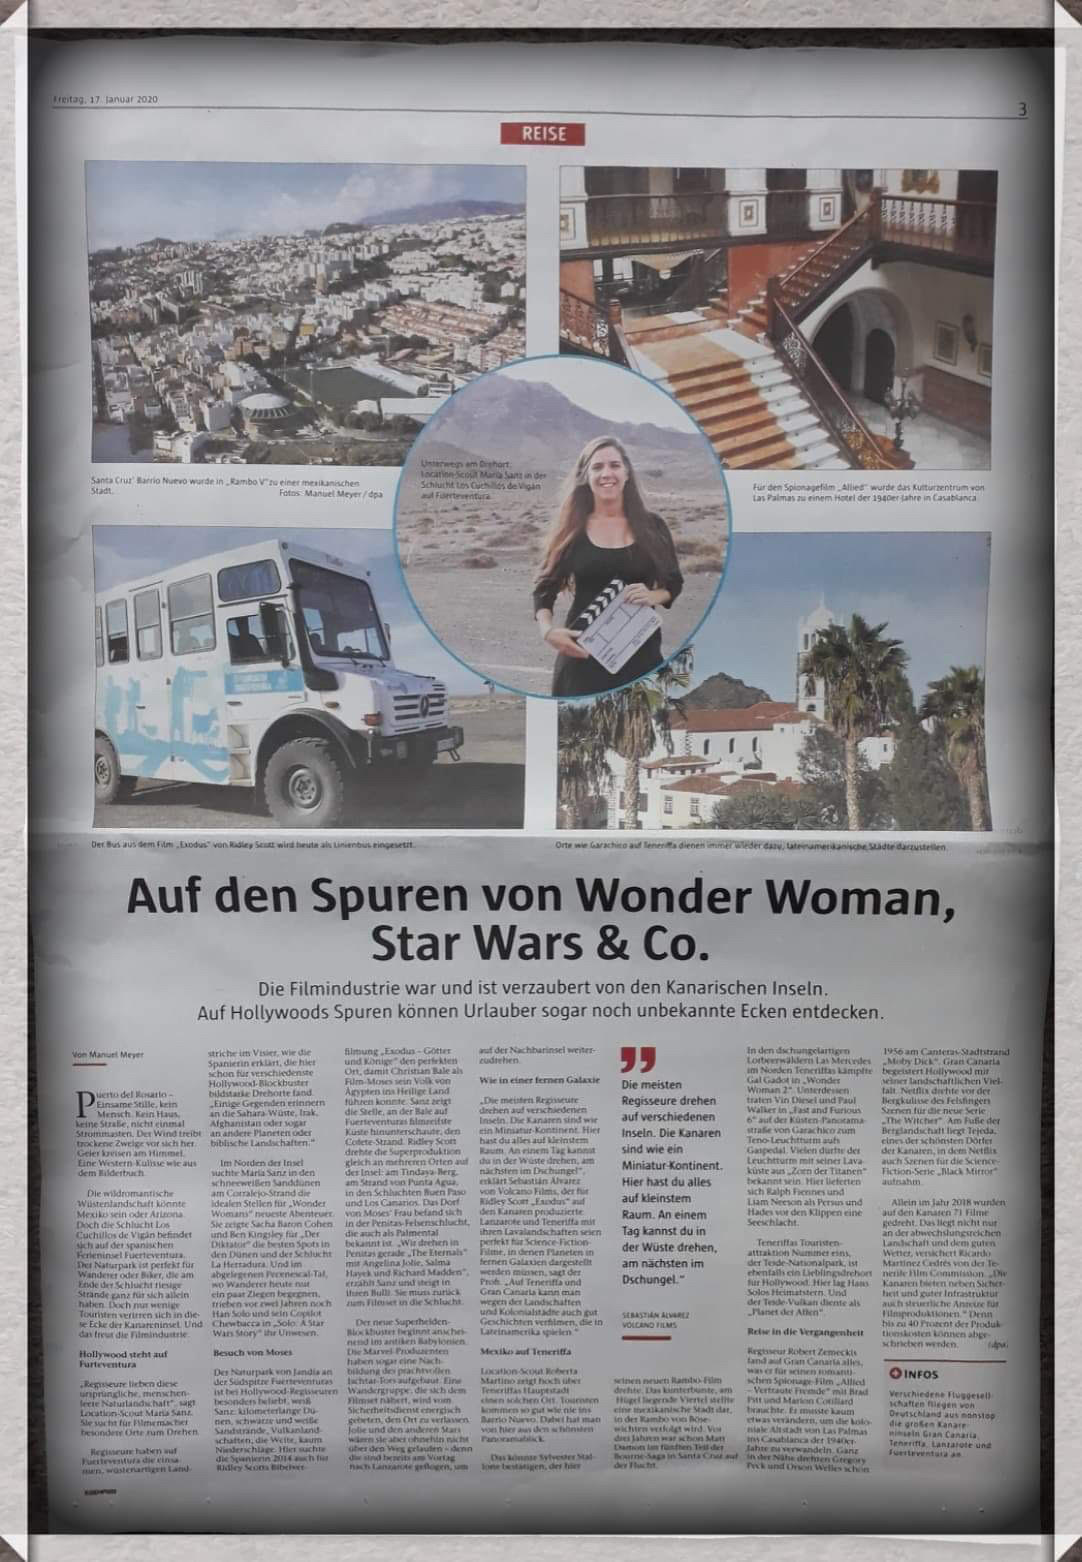 Articulo%2BPromocion%2Bfuerteventura%2BTurismo%2BCine - Fuerteventura.- Tras las Huellas de Wonder Woman , Stars Wars & Co.